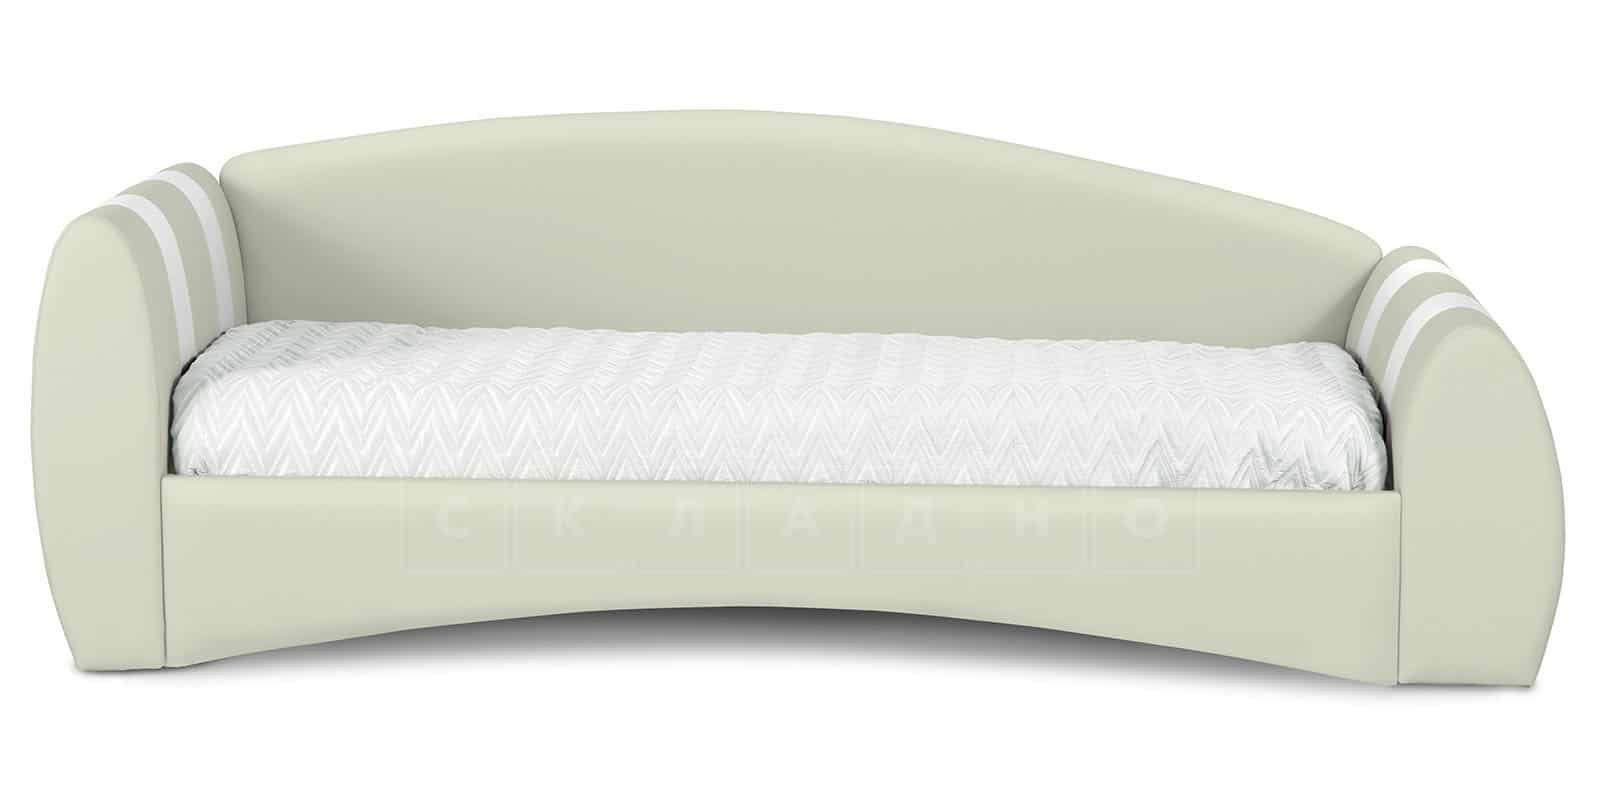 Мягкая кровать Монако 90х190см молочного цвета левая фото 3 | интернет-магазин Складно